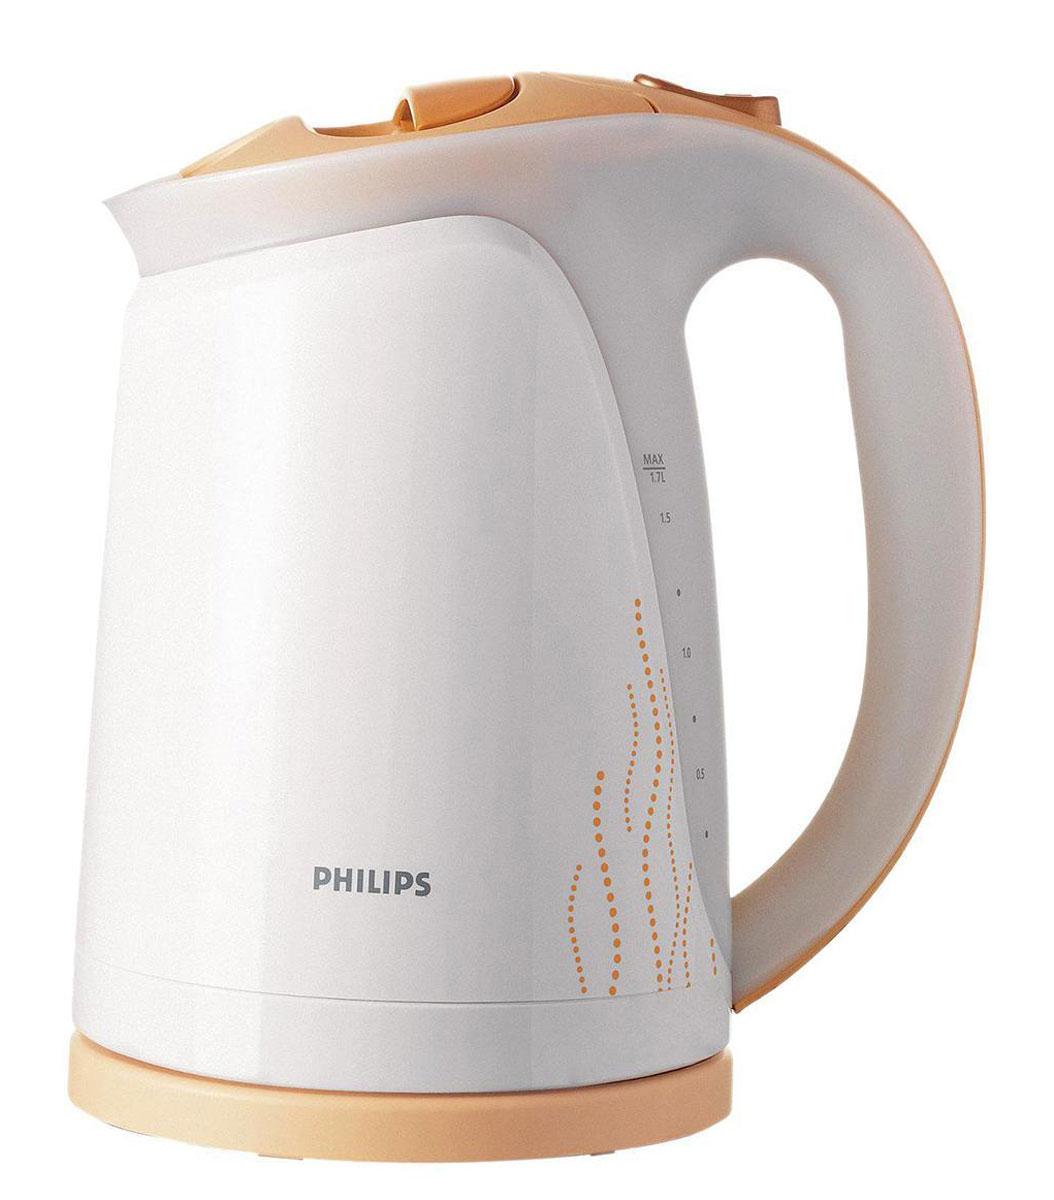 Philips HD4681/55 электрочайникHD4681/55Не правда ли, здорово за считаные секунды вскипятить воду и без лишних усилий очистить чайник Philips? Плоский и удобный в очистке нагревательный элемент позволяет быстро вскипятить воду. Благодаря моющемуся фильтру от накипи вода становится чистой, а напитки - без частиц известкового осадка. Катушка для удобного хранения шнураШнур оборачивается вокруг основания, что позволяет легко разместить чайник на кухне. Беспроводная подставка с поворотом на 360° для удобства использования. Плоский нагревательный элемент для быстрого кипячения воды и легкой чисткиВстроенный нагревательный элемент из нержавеющей стали обеспечивает быстрое кипячение и простую чистку. Широко открывающаяся откидная крышка для удобства наполнения и чистки чайника исключает контакт с паром. При включенном чайнике загорается подсветкаПодсветка вокруг регулятора температуры четко показывает, что чайник включен. Комплексная система безопасностиКомплексная система безопасности для предотвращения короткого замыкания и выкипания воды. Функция автовыключения активируется, когда процесс завершается или прибор снимается с основания. Понятный индикатор уровня водыПонятный индикатор уровня воды удобен как для правшей, так и для левшей. Звуковой сигнал извещает о закипании воды.Фильтр против накипи двойного действия обеспечивает чистоту водыДвойной фильтр работает следующим образом: коллектор накипи удерживает накипь, а обычный фильтр предотвращает попадание частиц известкового налета в напитки.